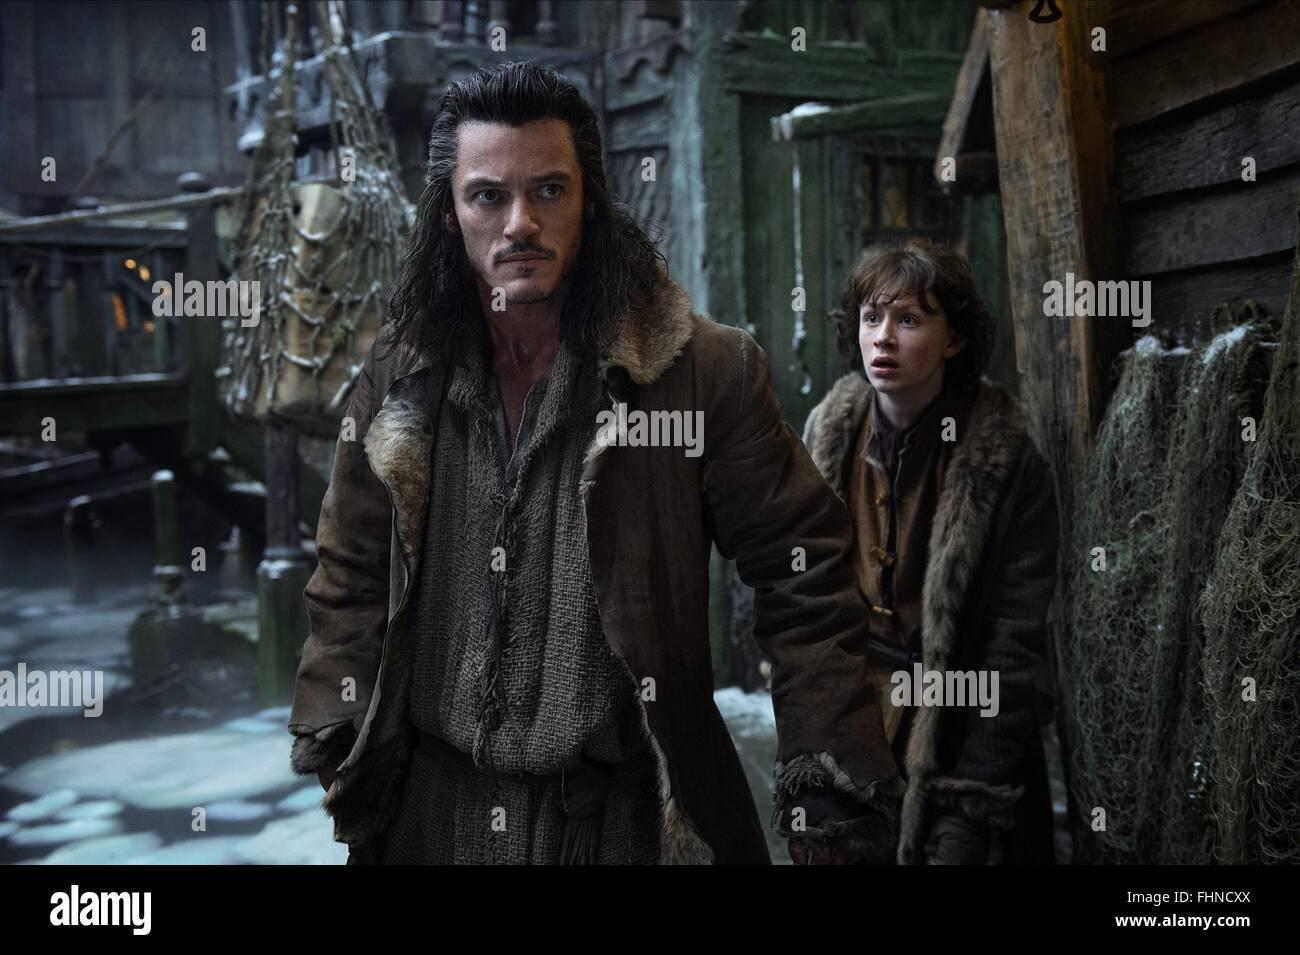 luke evans & john bell the hobbit: the desolation of smaug (2013